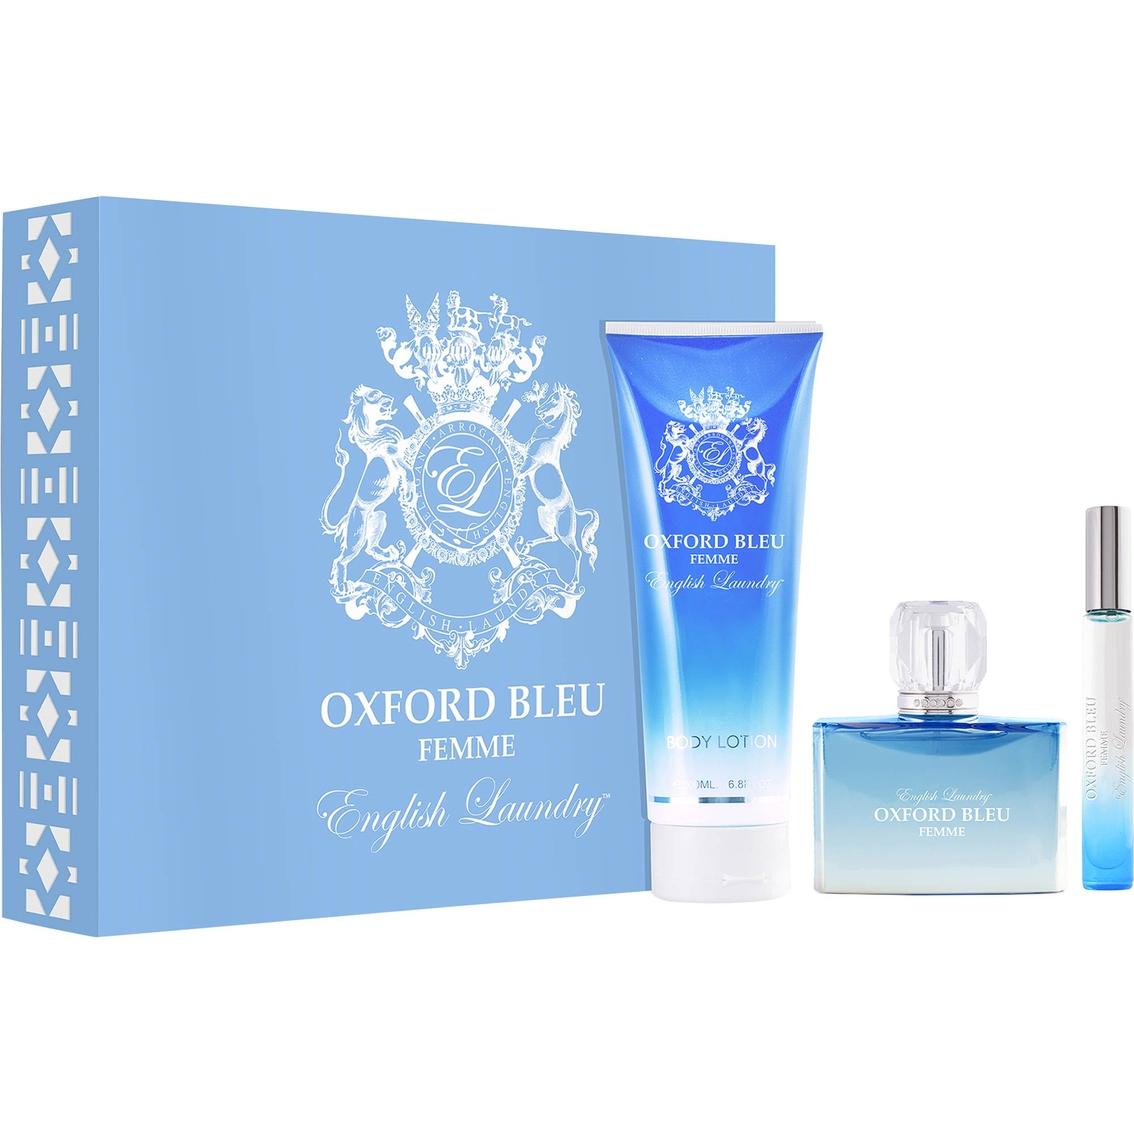 English Laundry Oxford Bleu Femme Eau De Parfum Gift Set